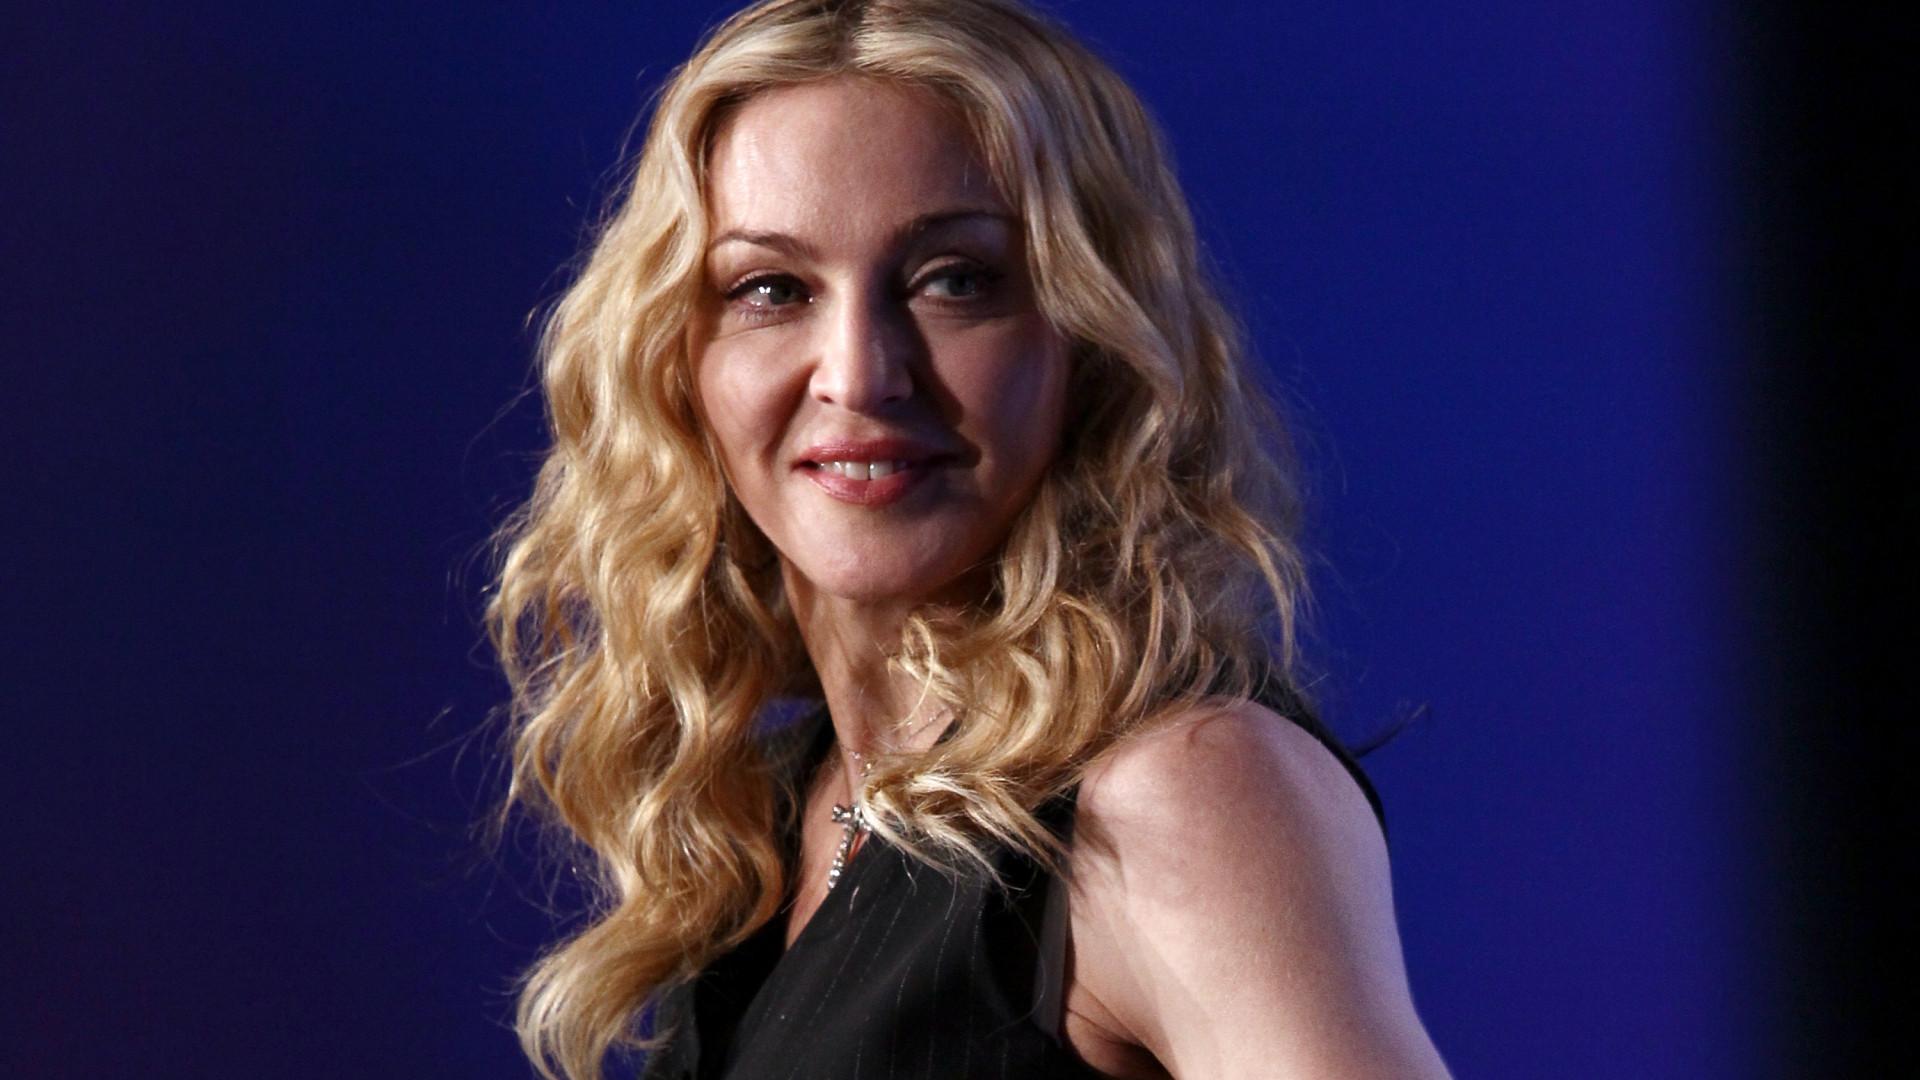 Bebeu demais? Filho de Madonna cai ao sair de festa